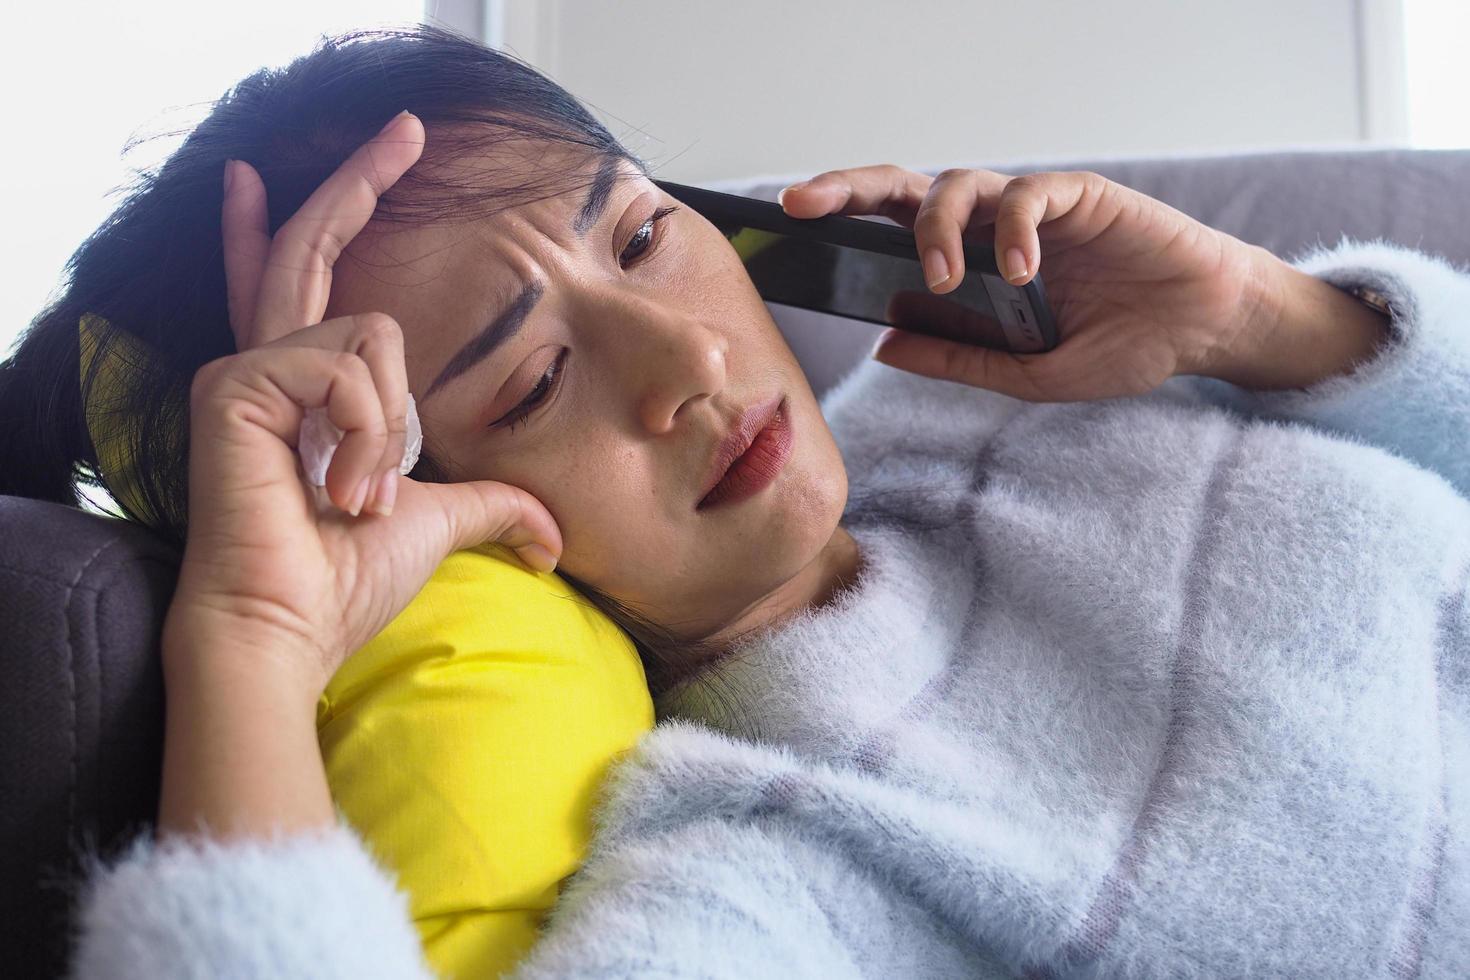 femme, coucher divan, chez soi, à, anxieux, expression faciale photo